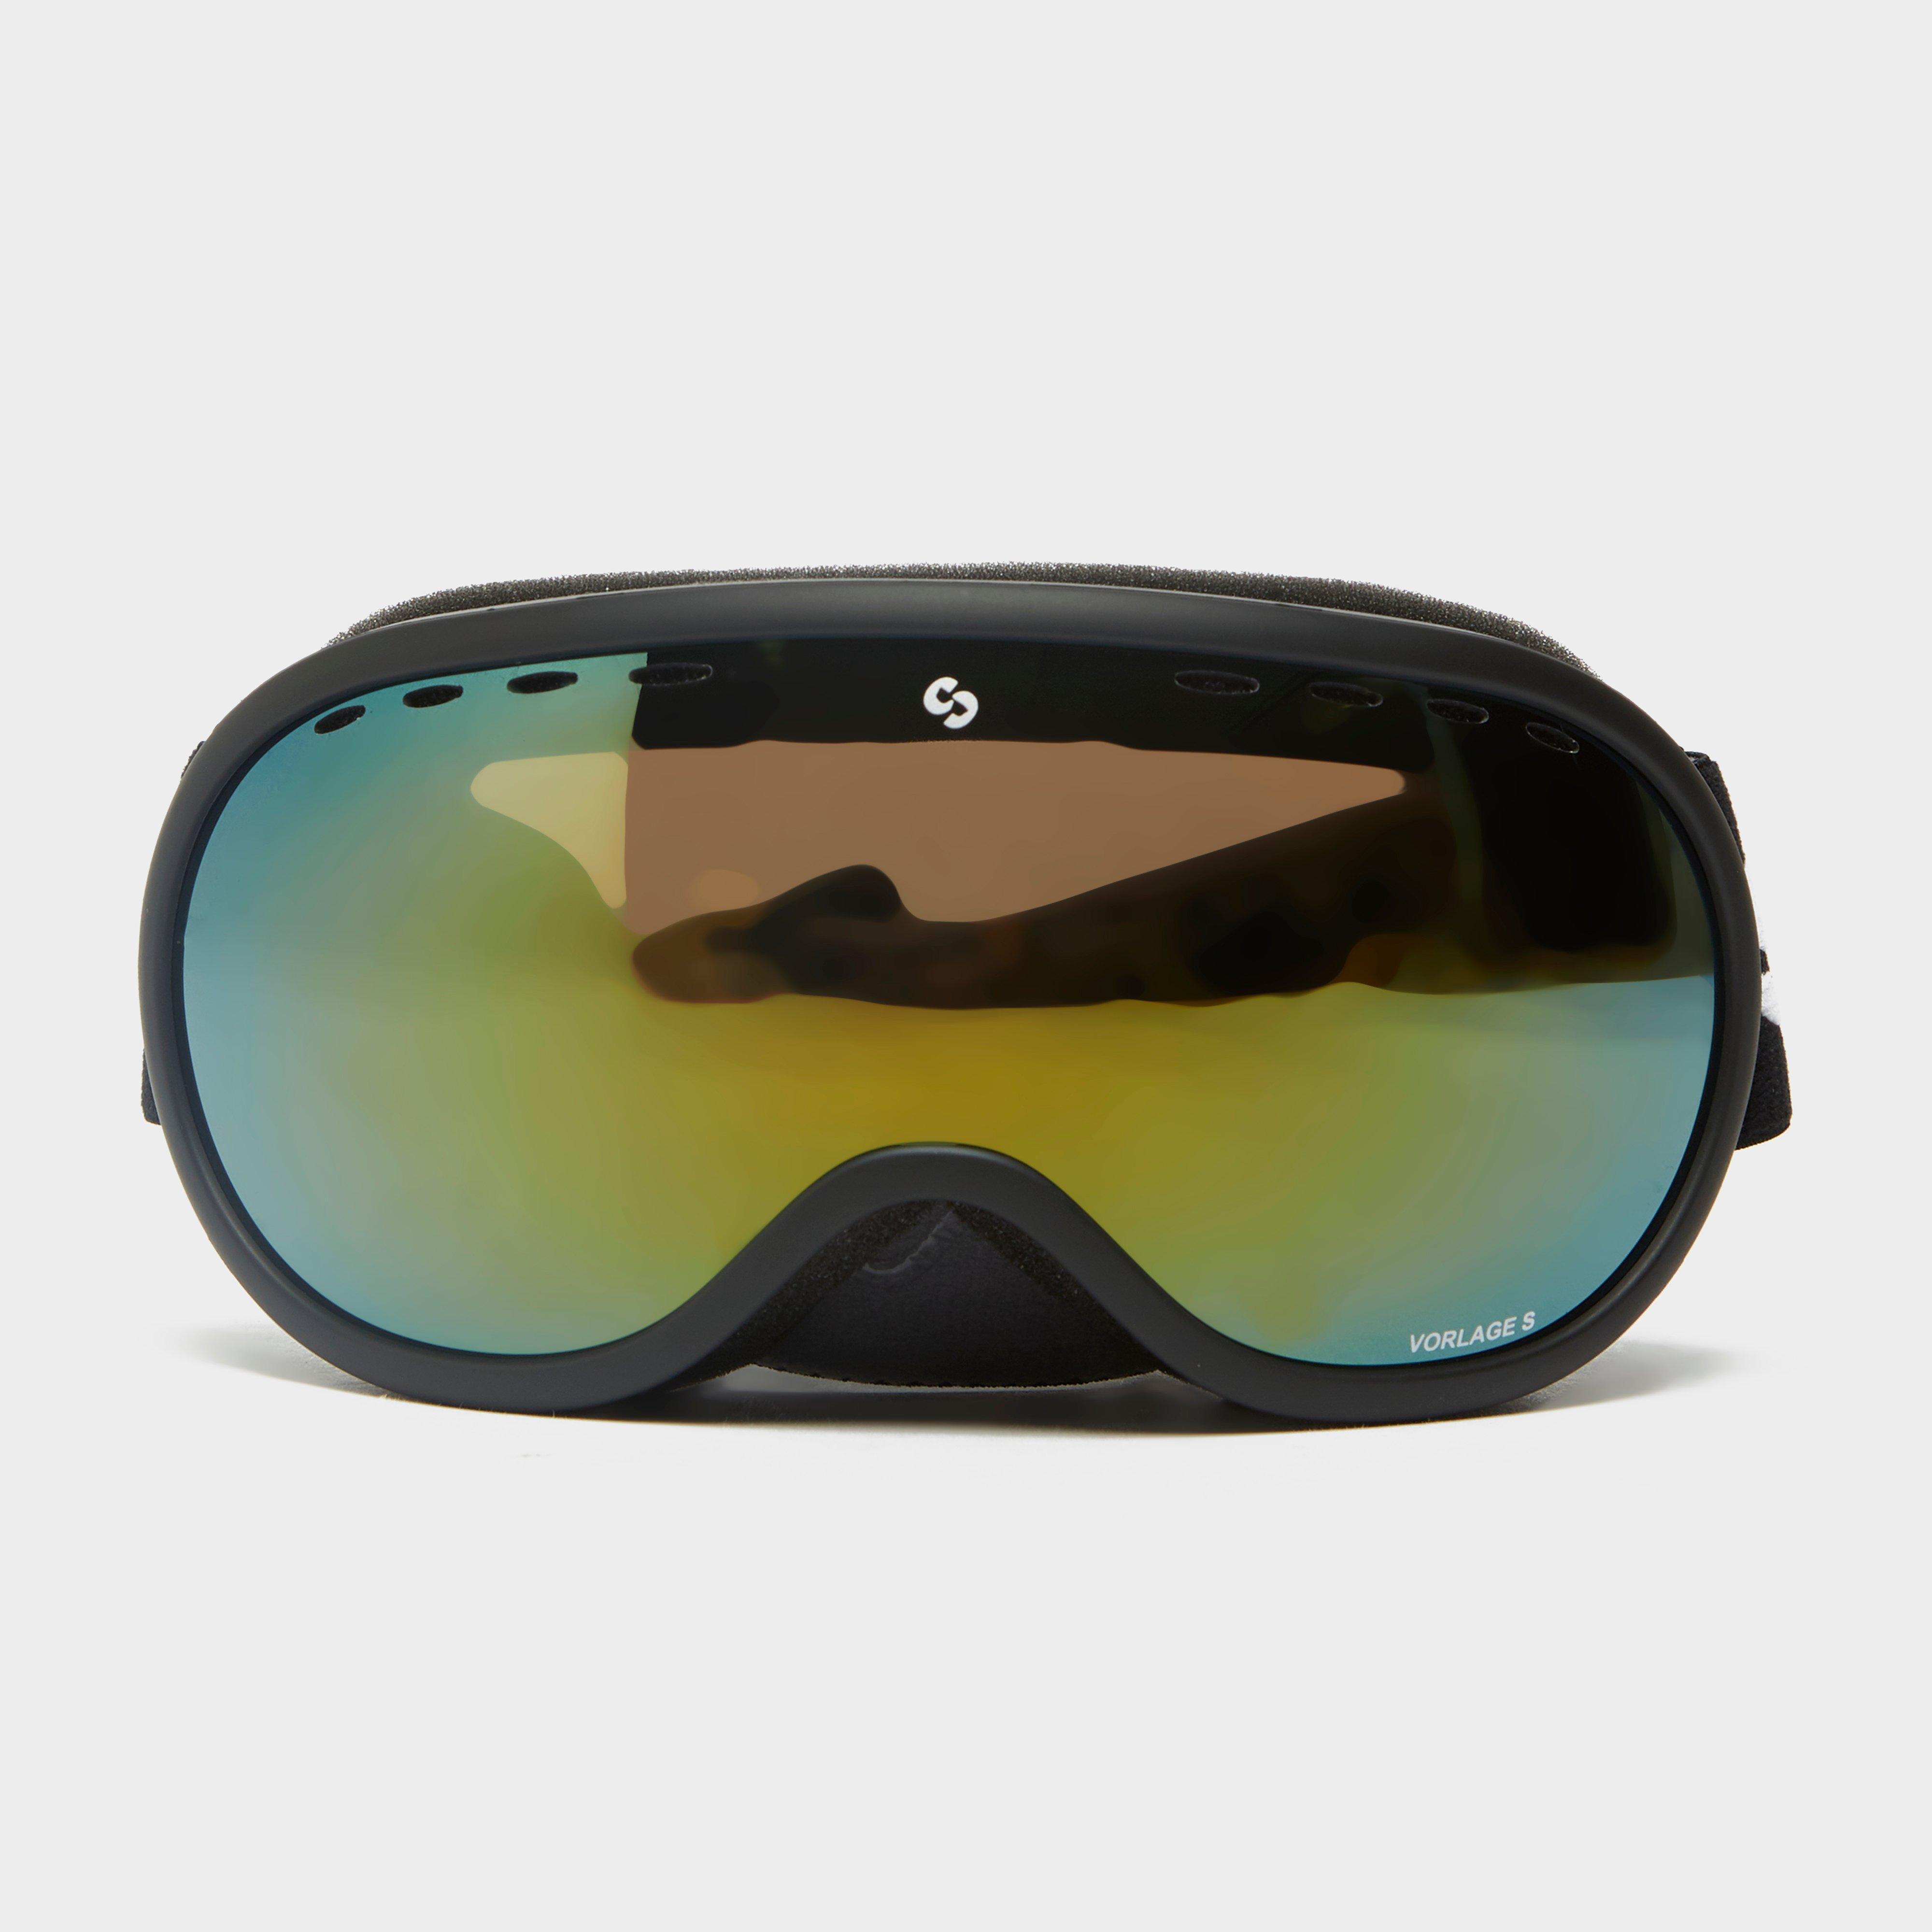 Sinner Vorlage S Goggles, Black/Black